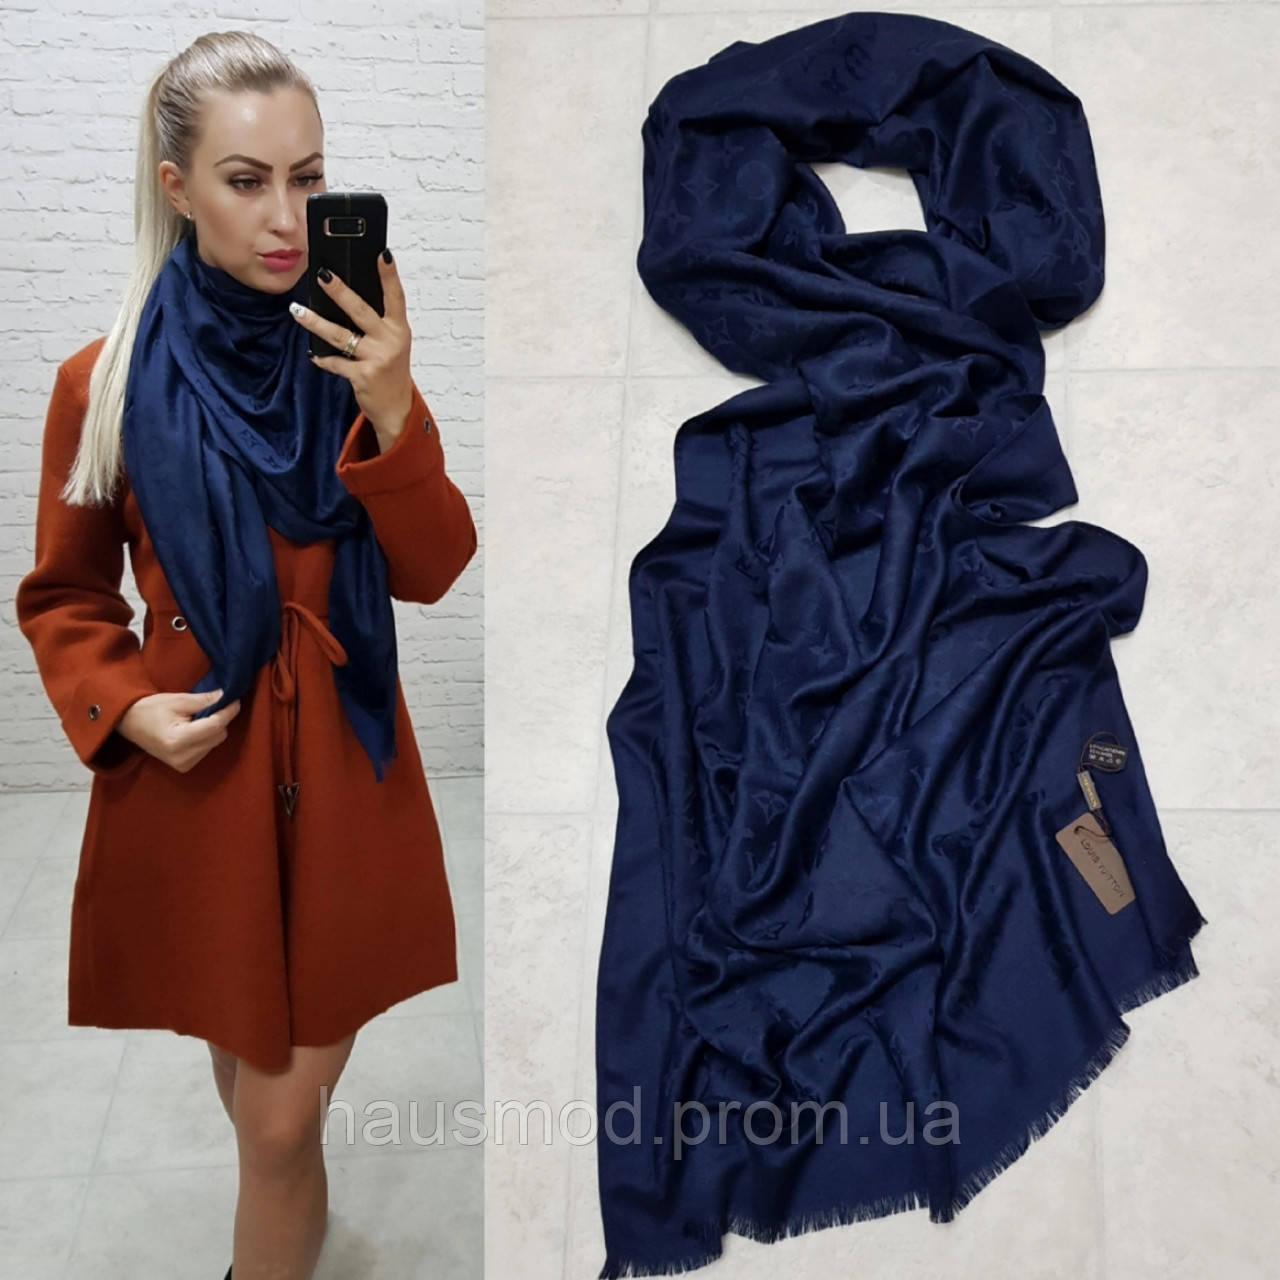 Женский палантин шарф брендовый репликаLouis Vuitton65% шелк 35% кашемир размер 190×0.70 см цвет синий